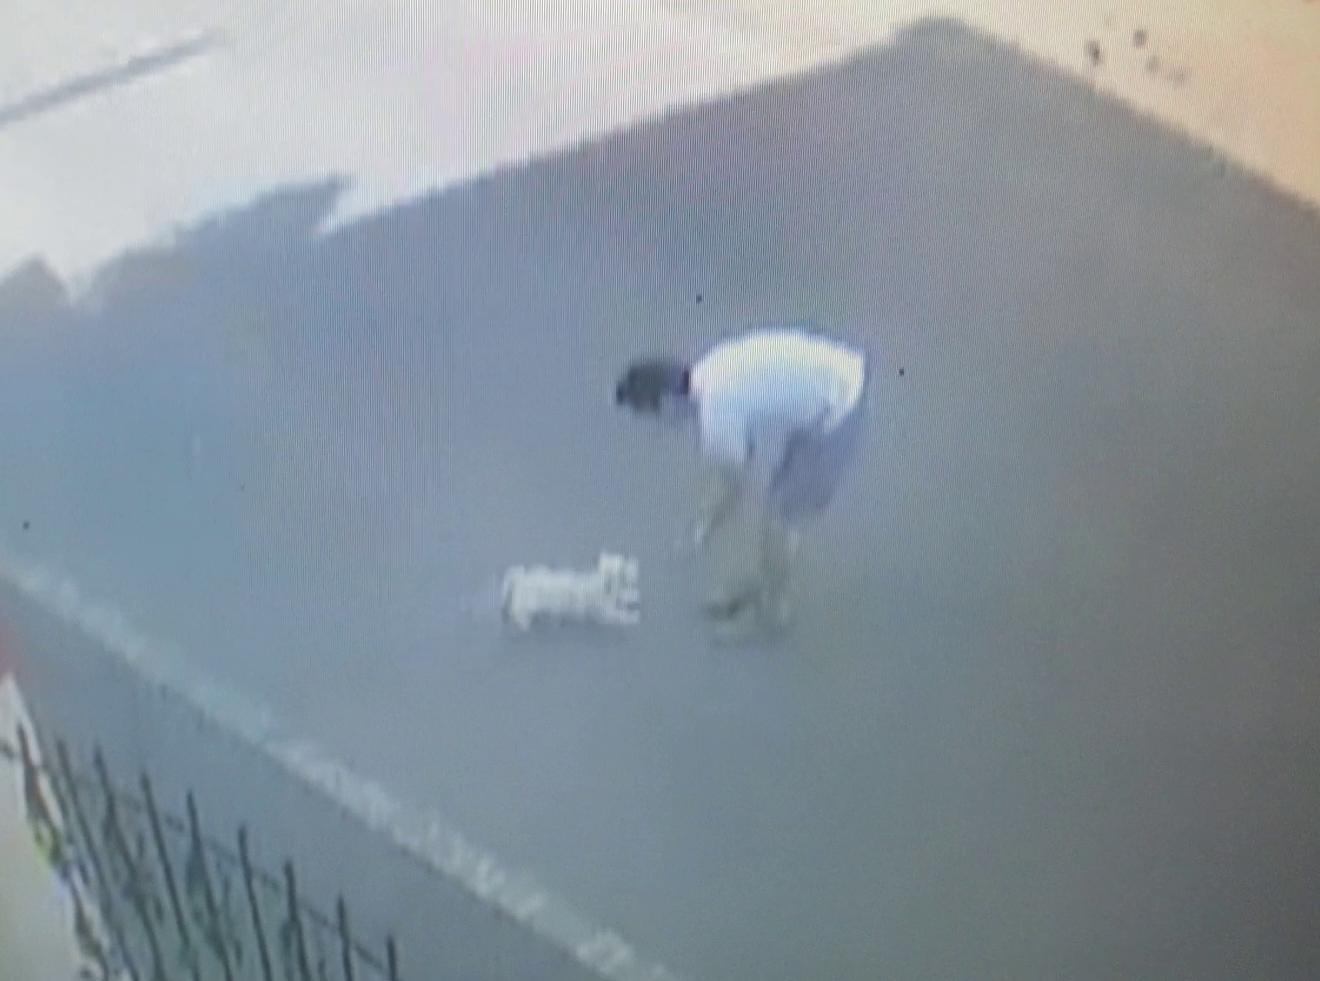 Unul dintre rapitori se joaca cu Bijoux, incercand sa-l atraga cat mai aproape de el